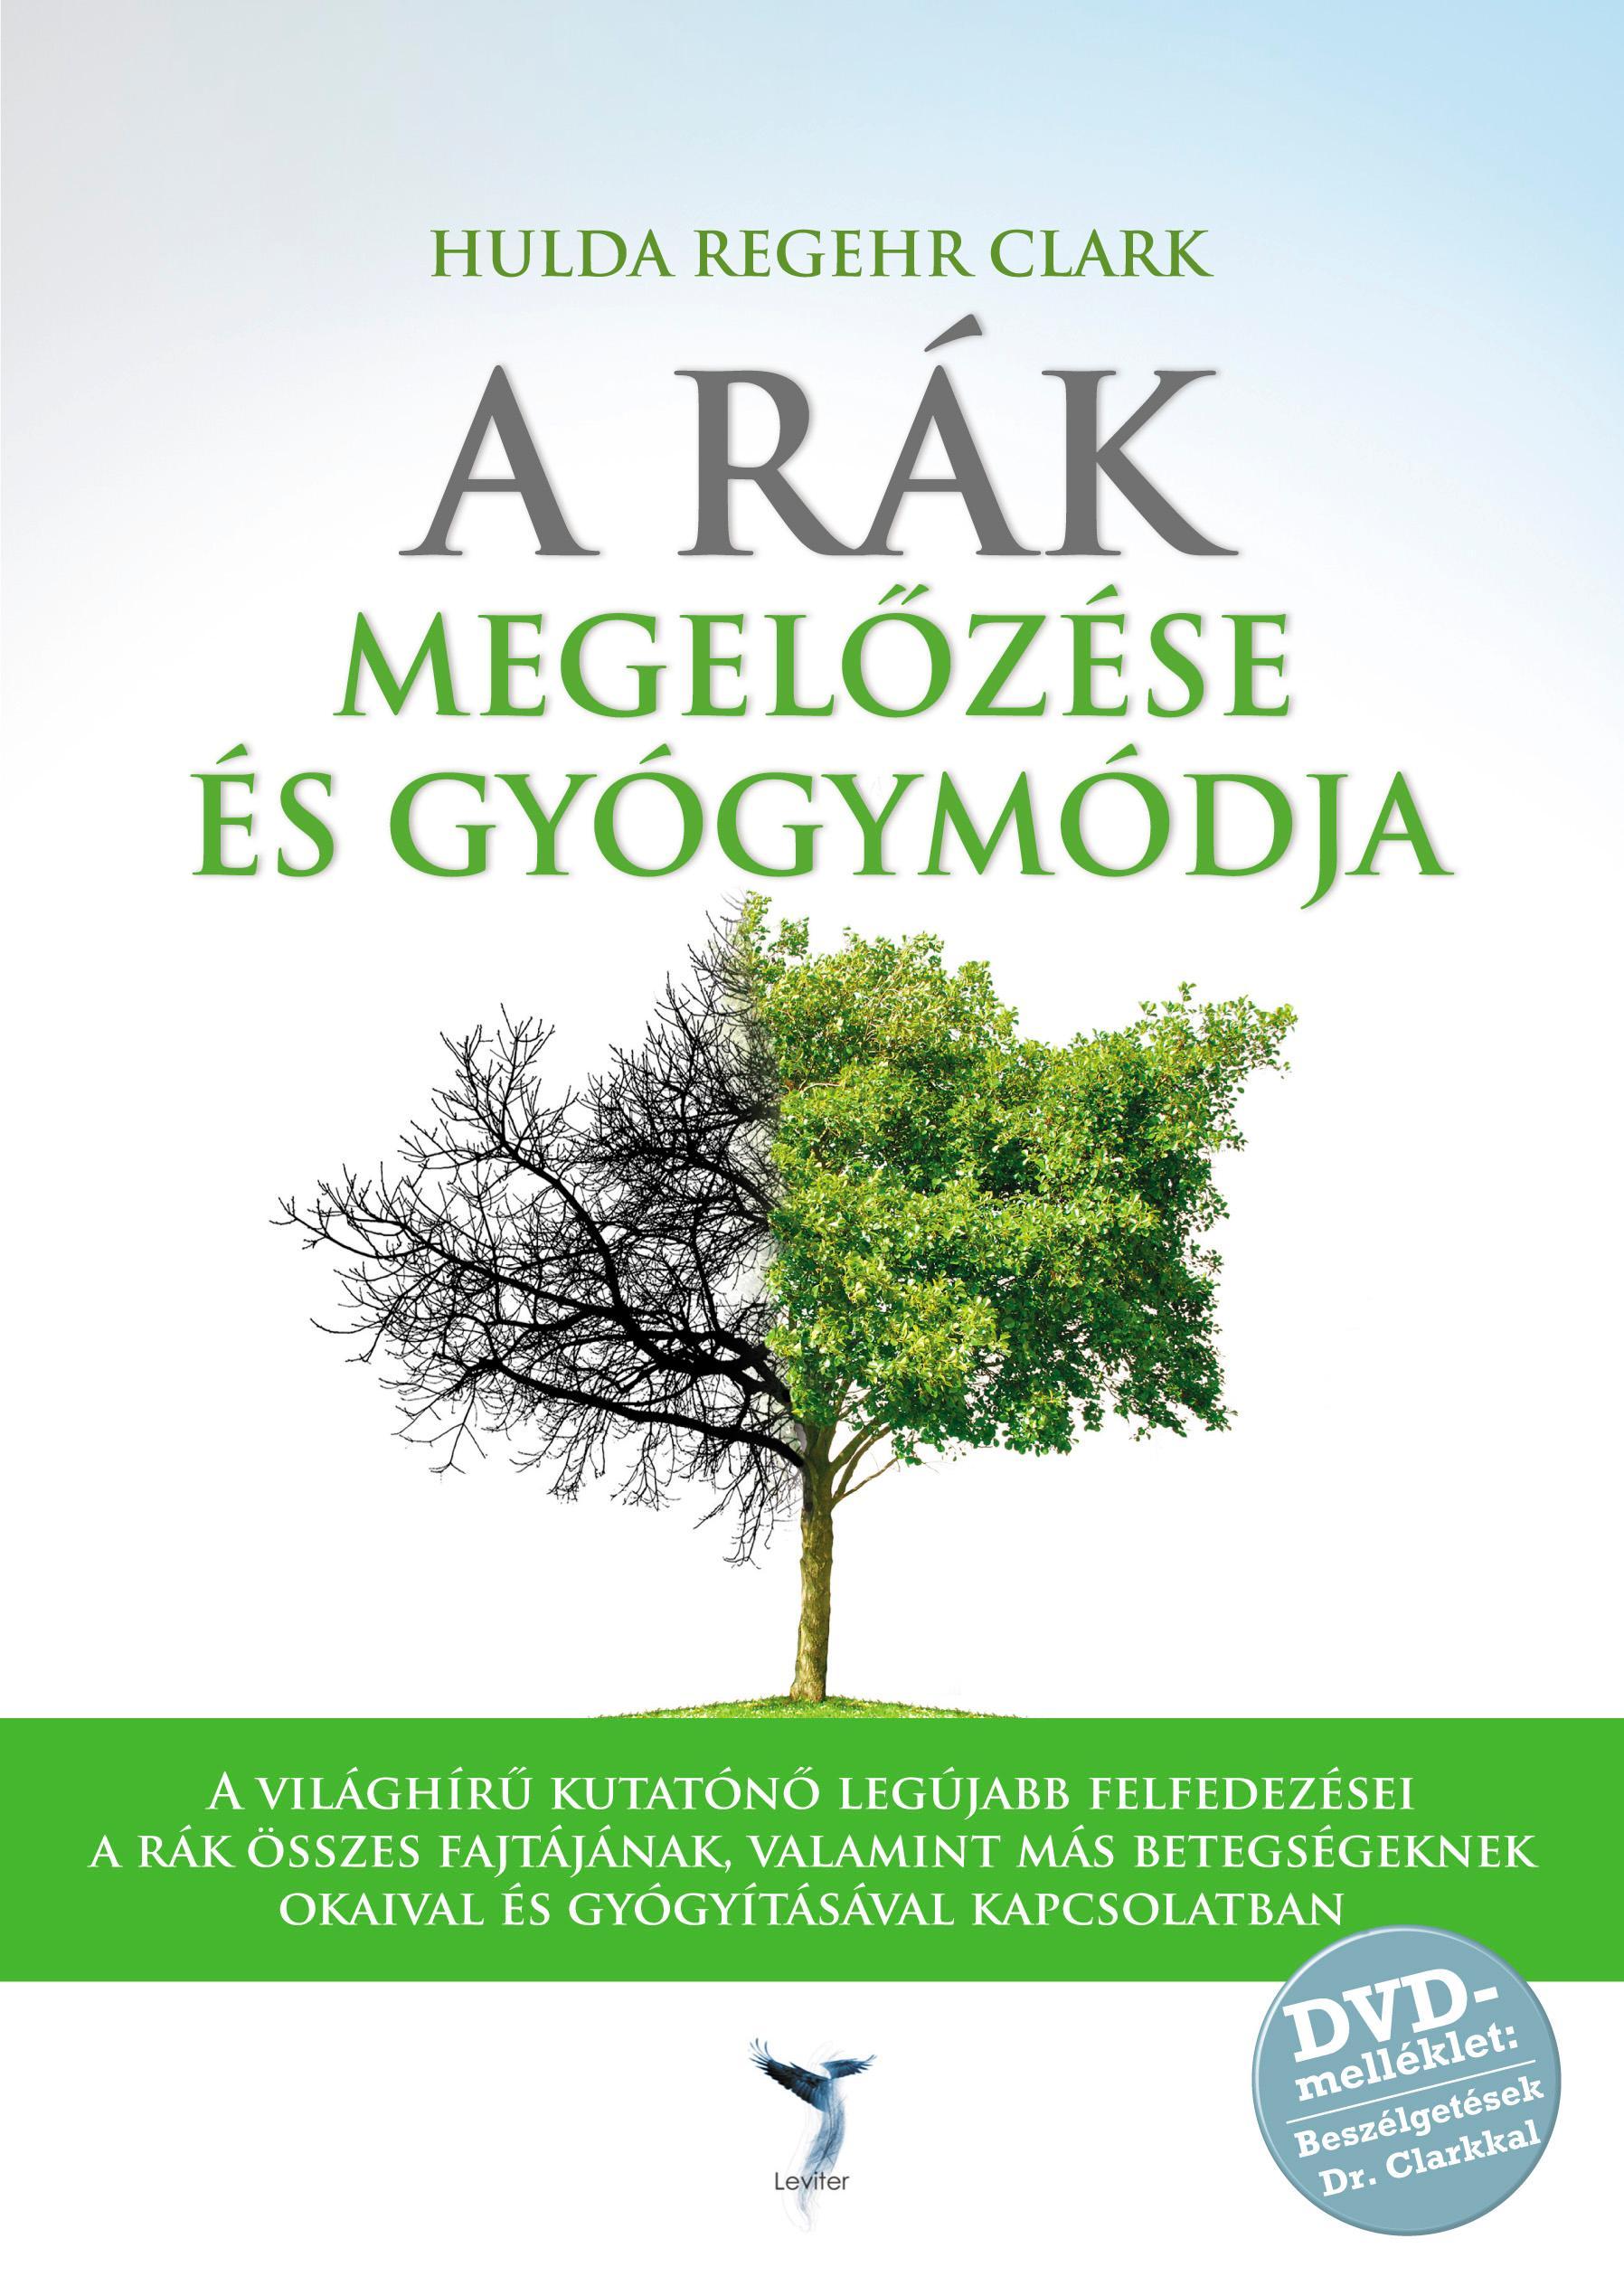 A RÁK MEGELÕZÉSE ÉS GYÓGYMÓDJA - DVD-VEL